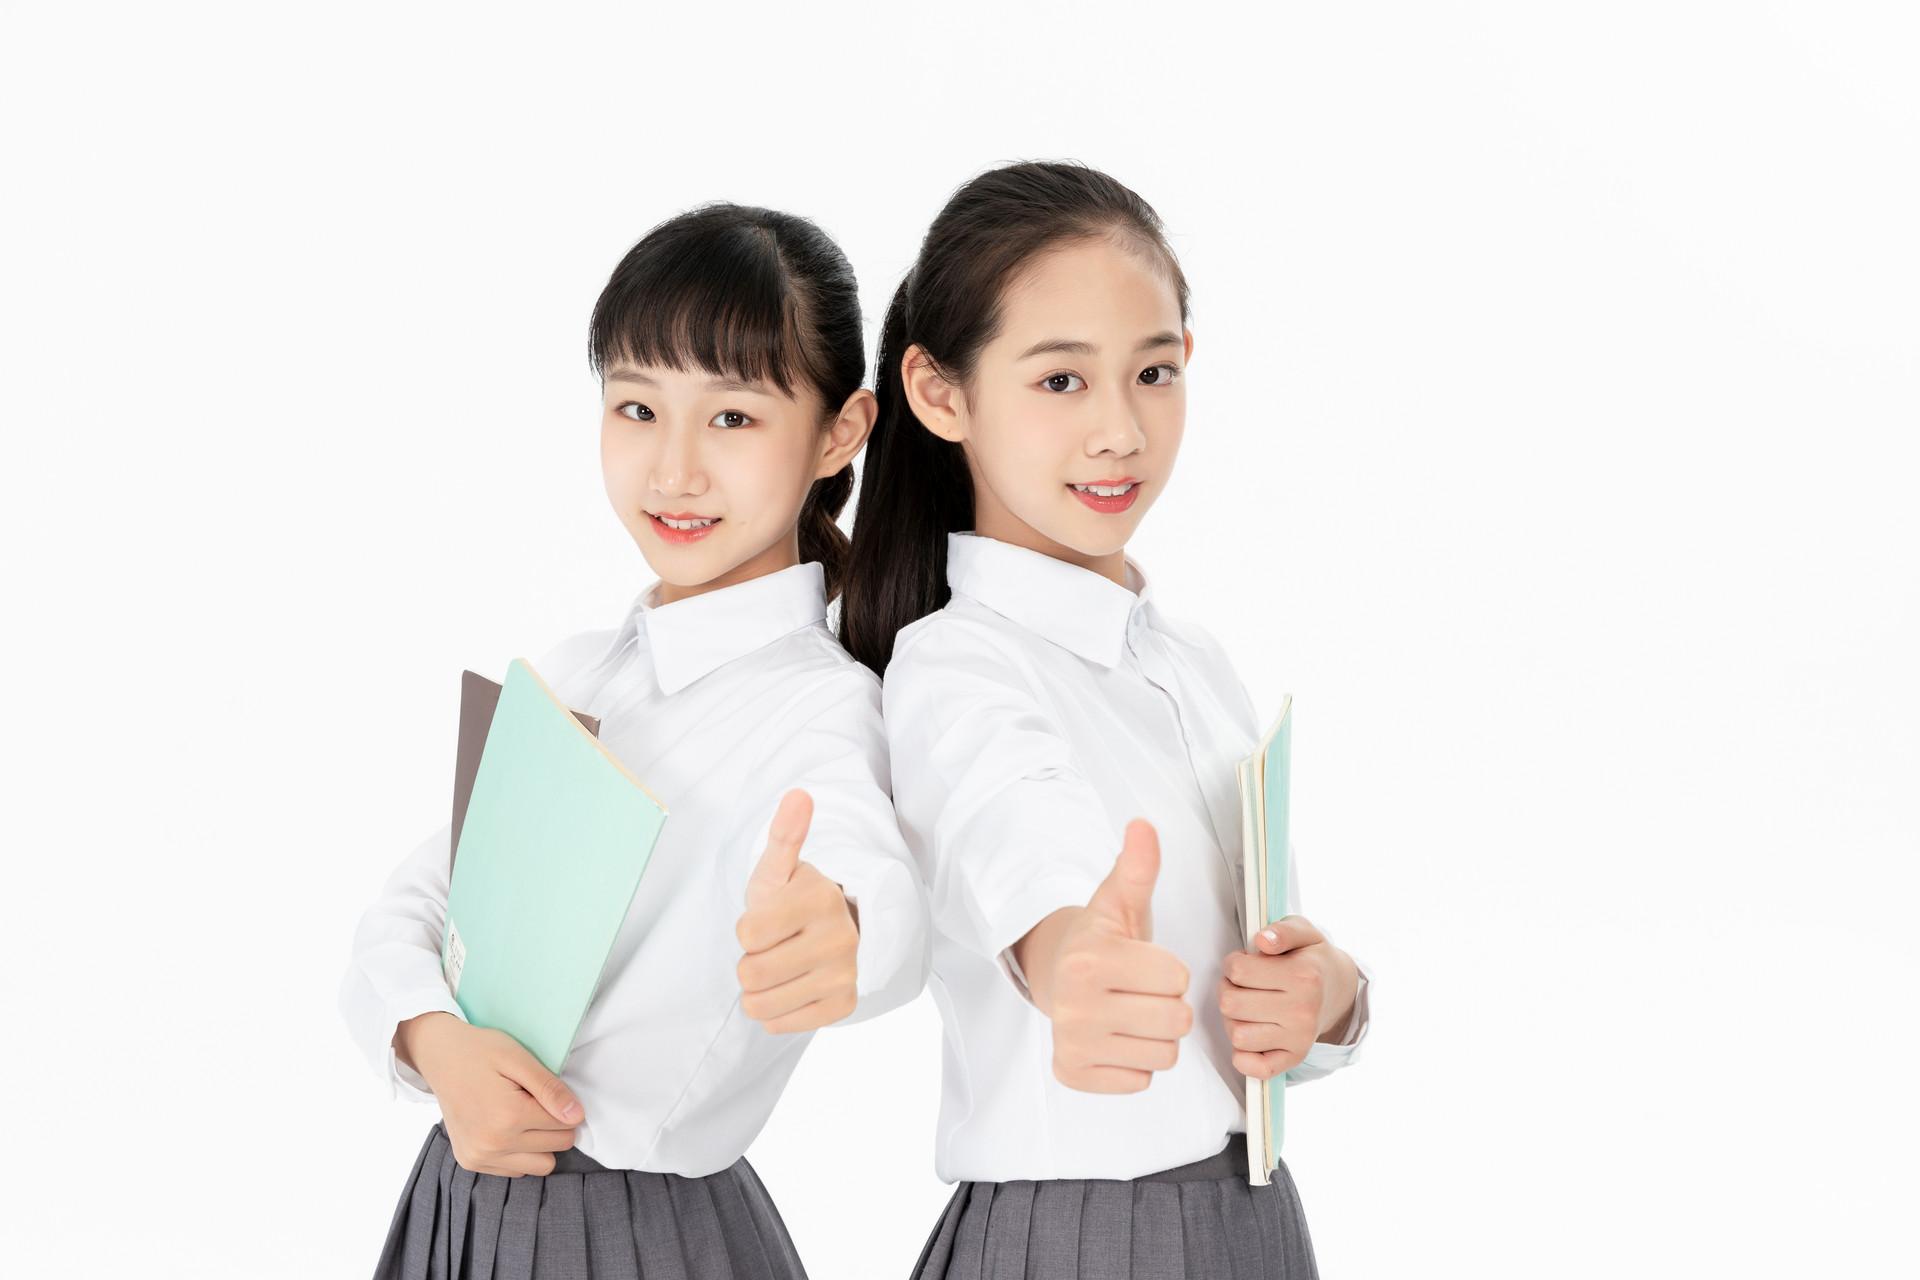 重庆有没有自闭症康复学校